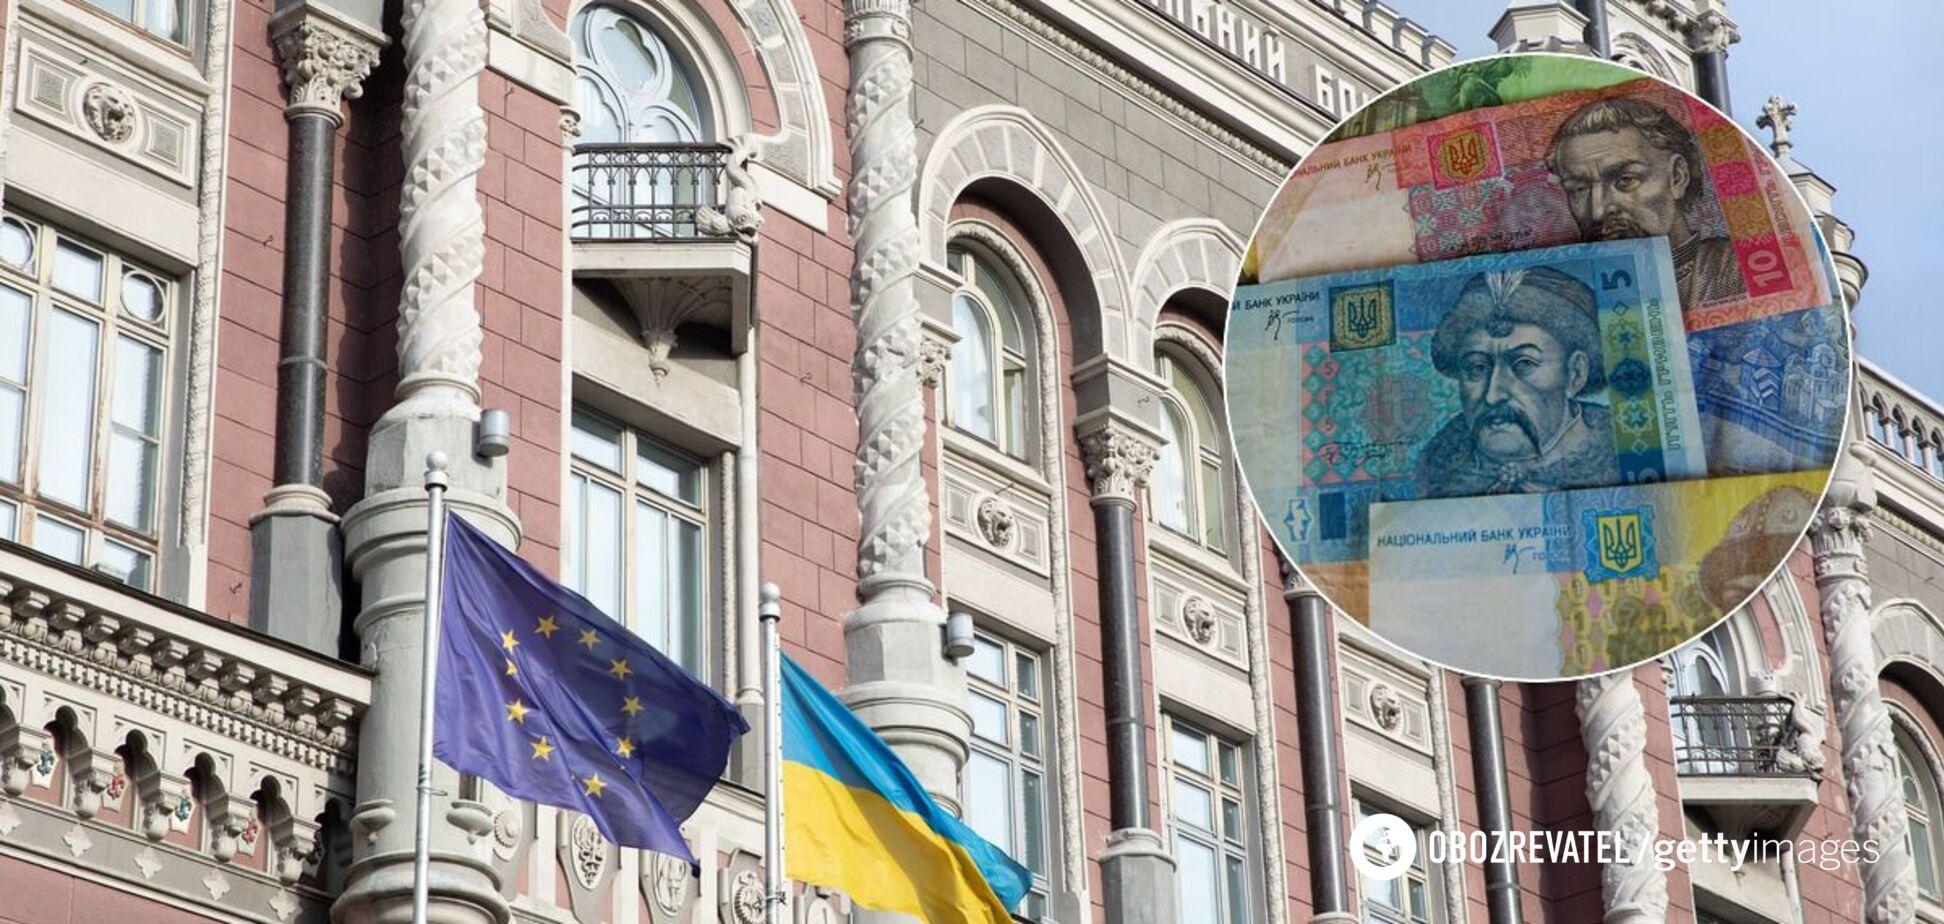 Печать гривны происходит на банкнотной фабрике Национального банка Украины